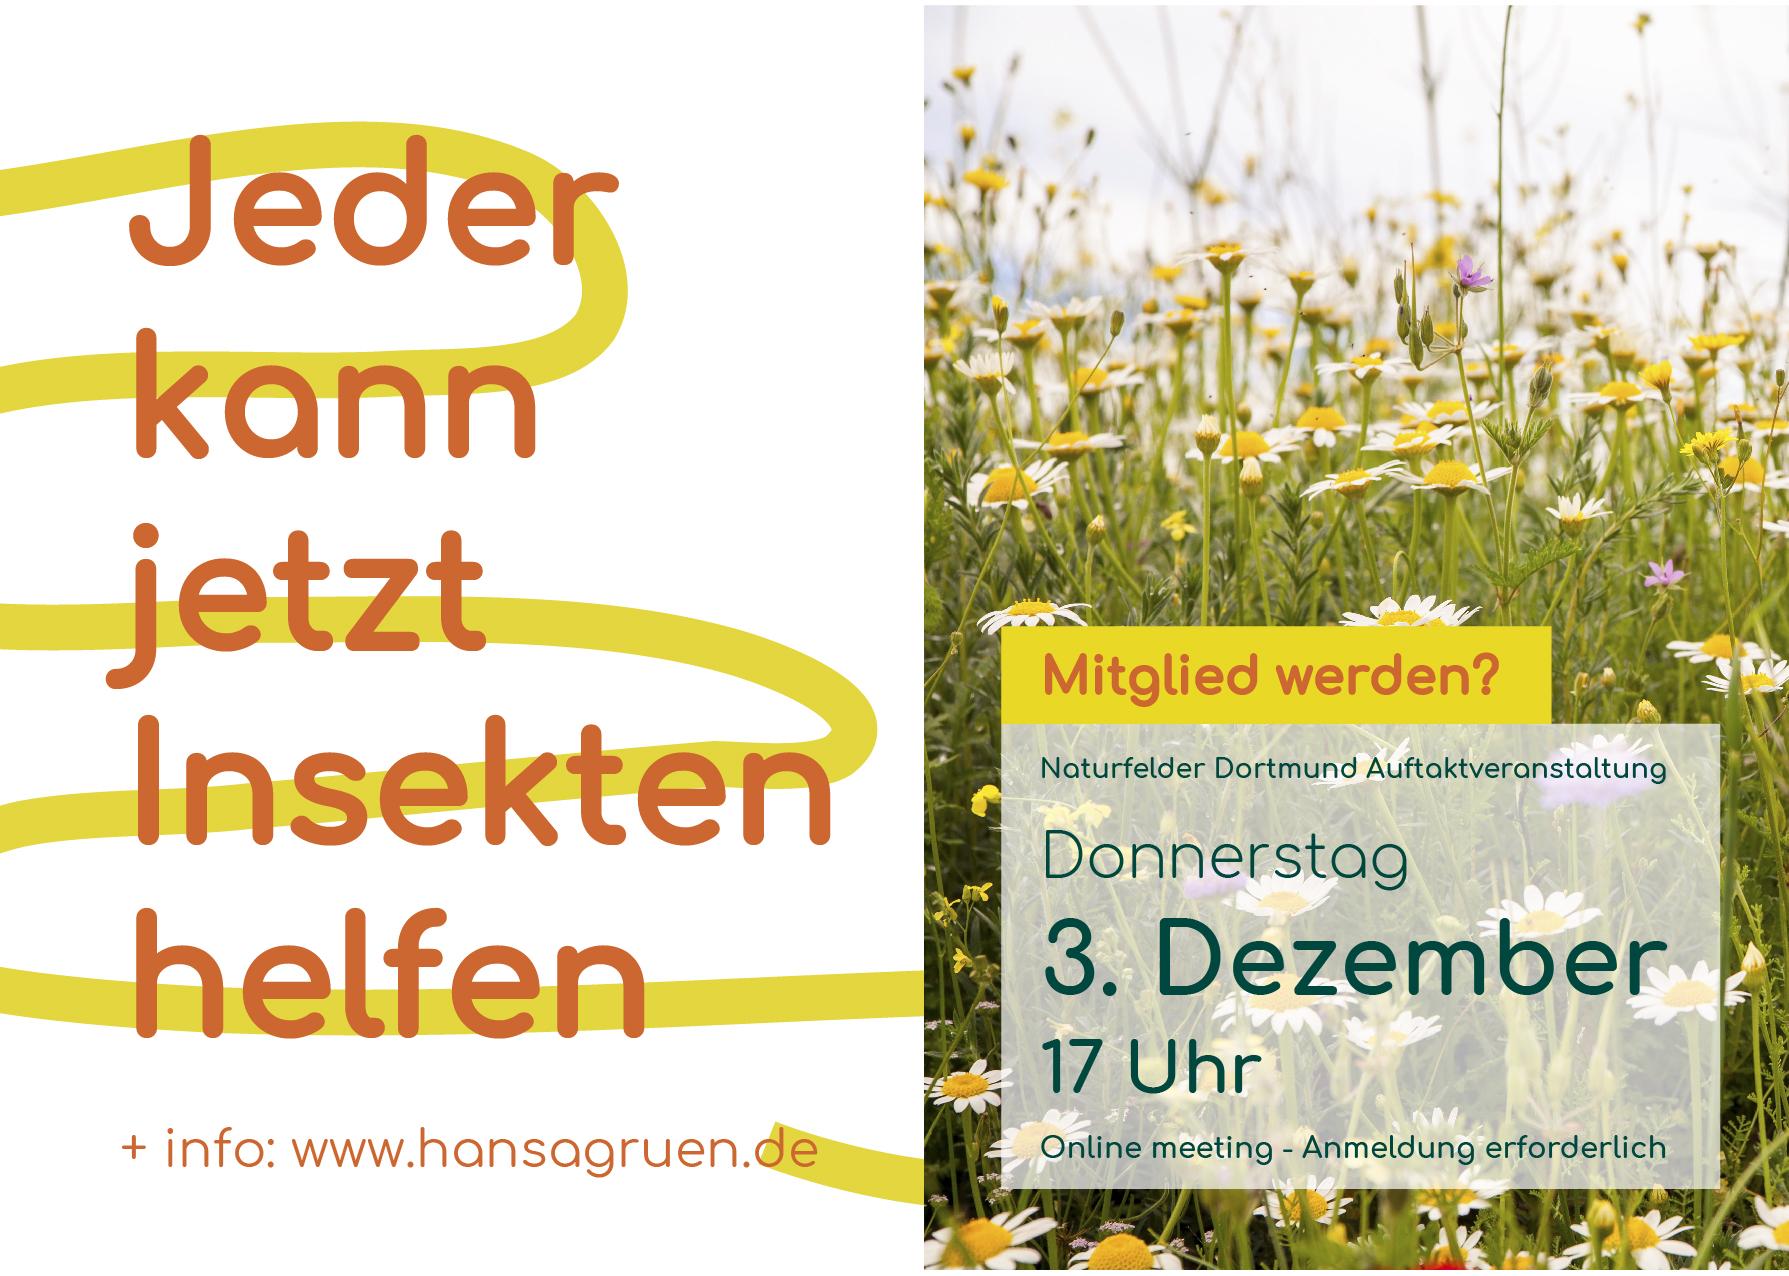 Naturfelder Dortmund Auftaktveranstaltung (online)